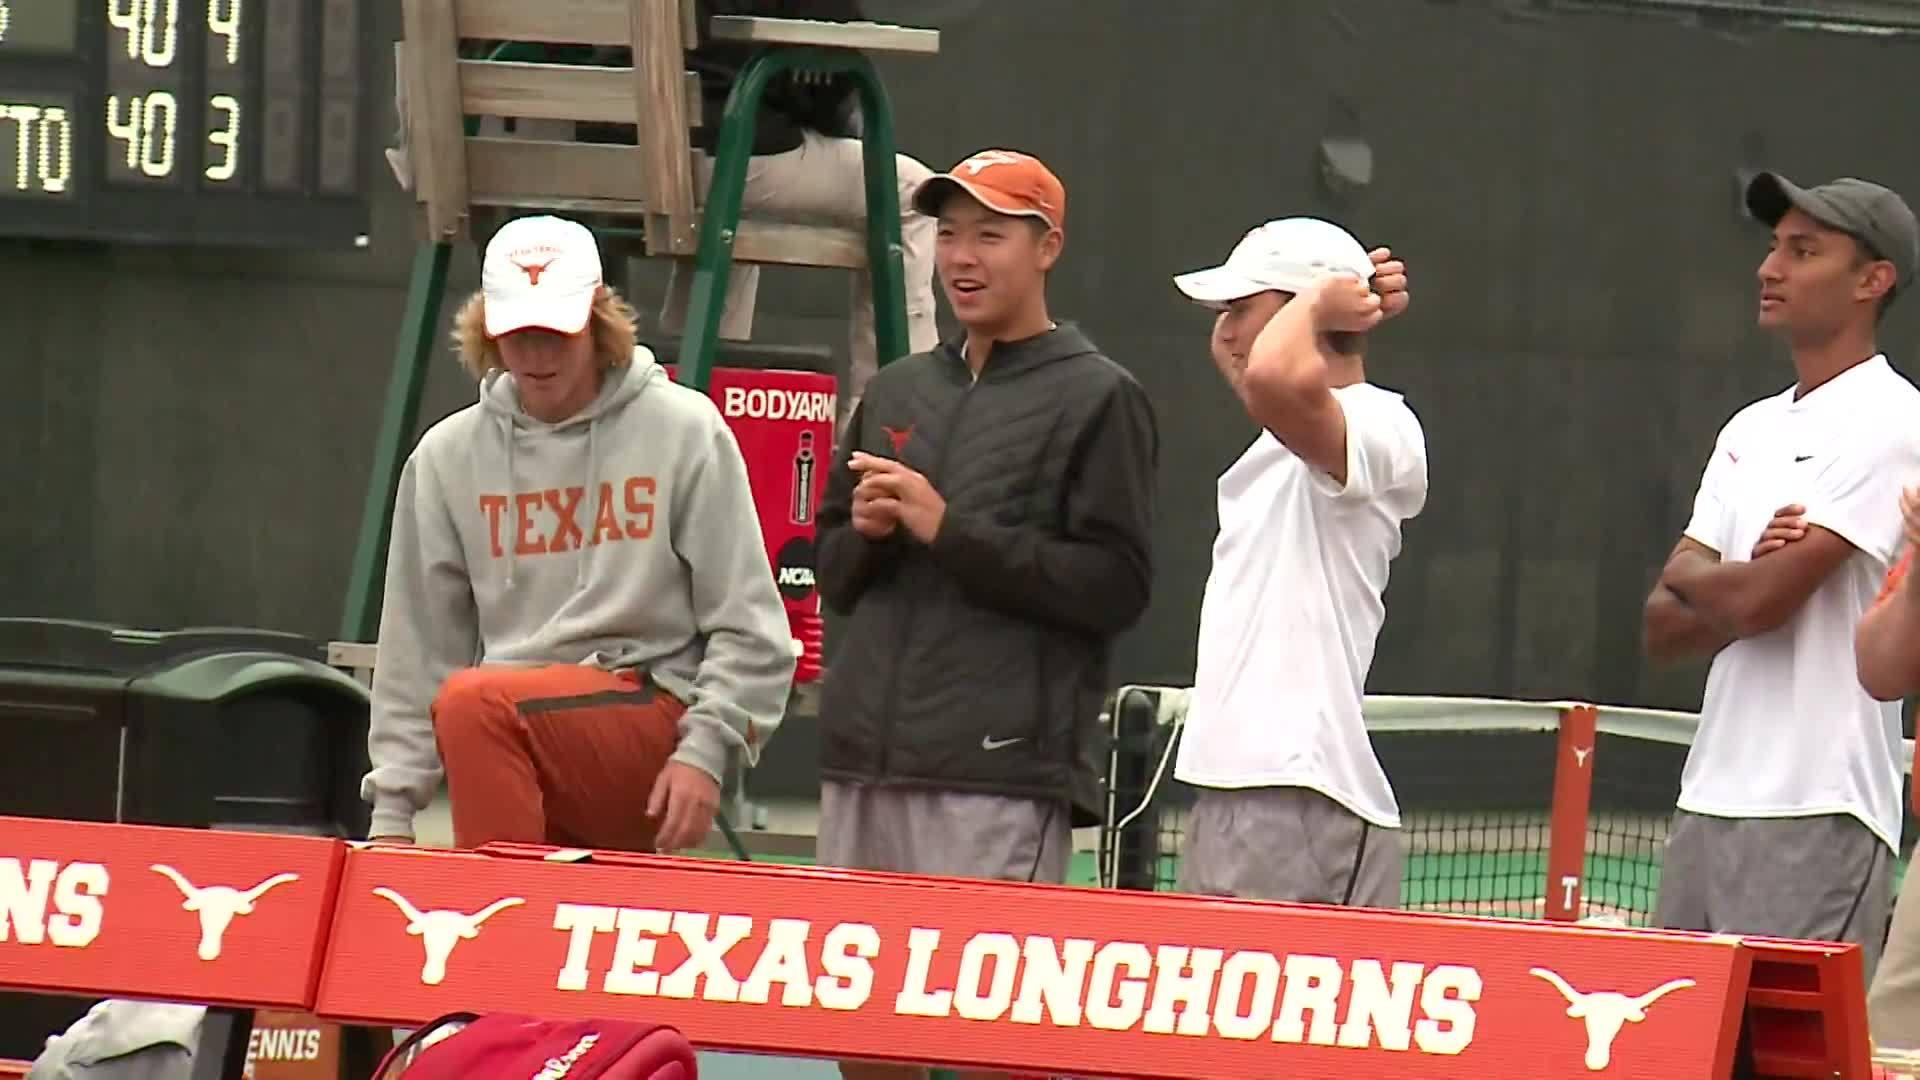 Texas_tennis_advances_to_Elite_8_6_20190512014035